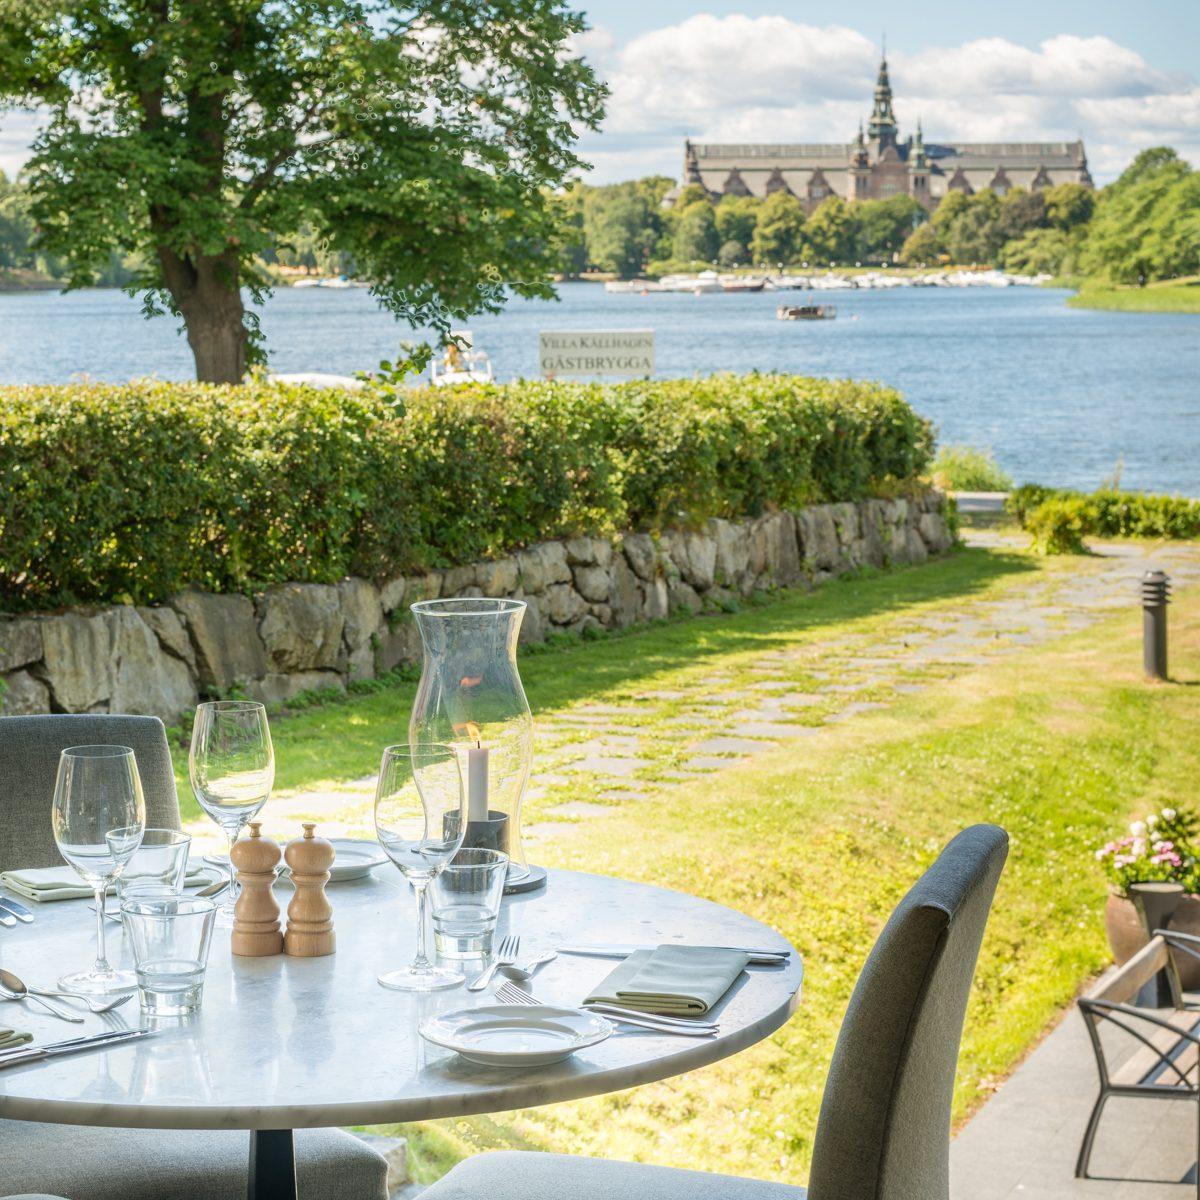 Restaurang Villa Källhagen